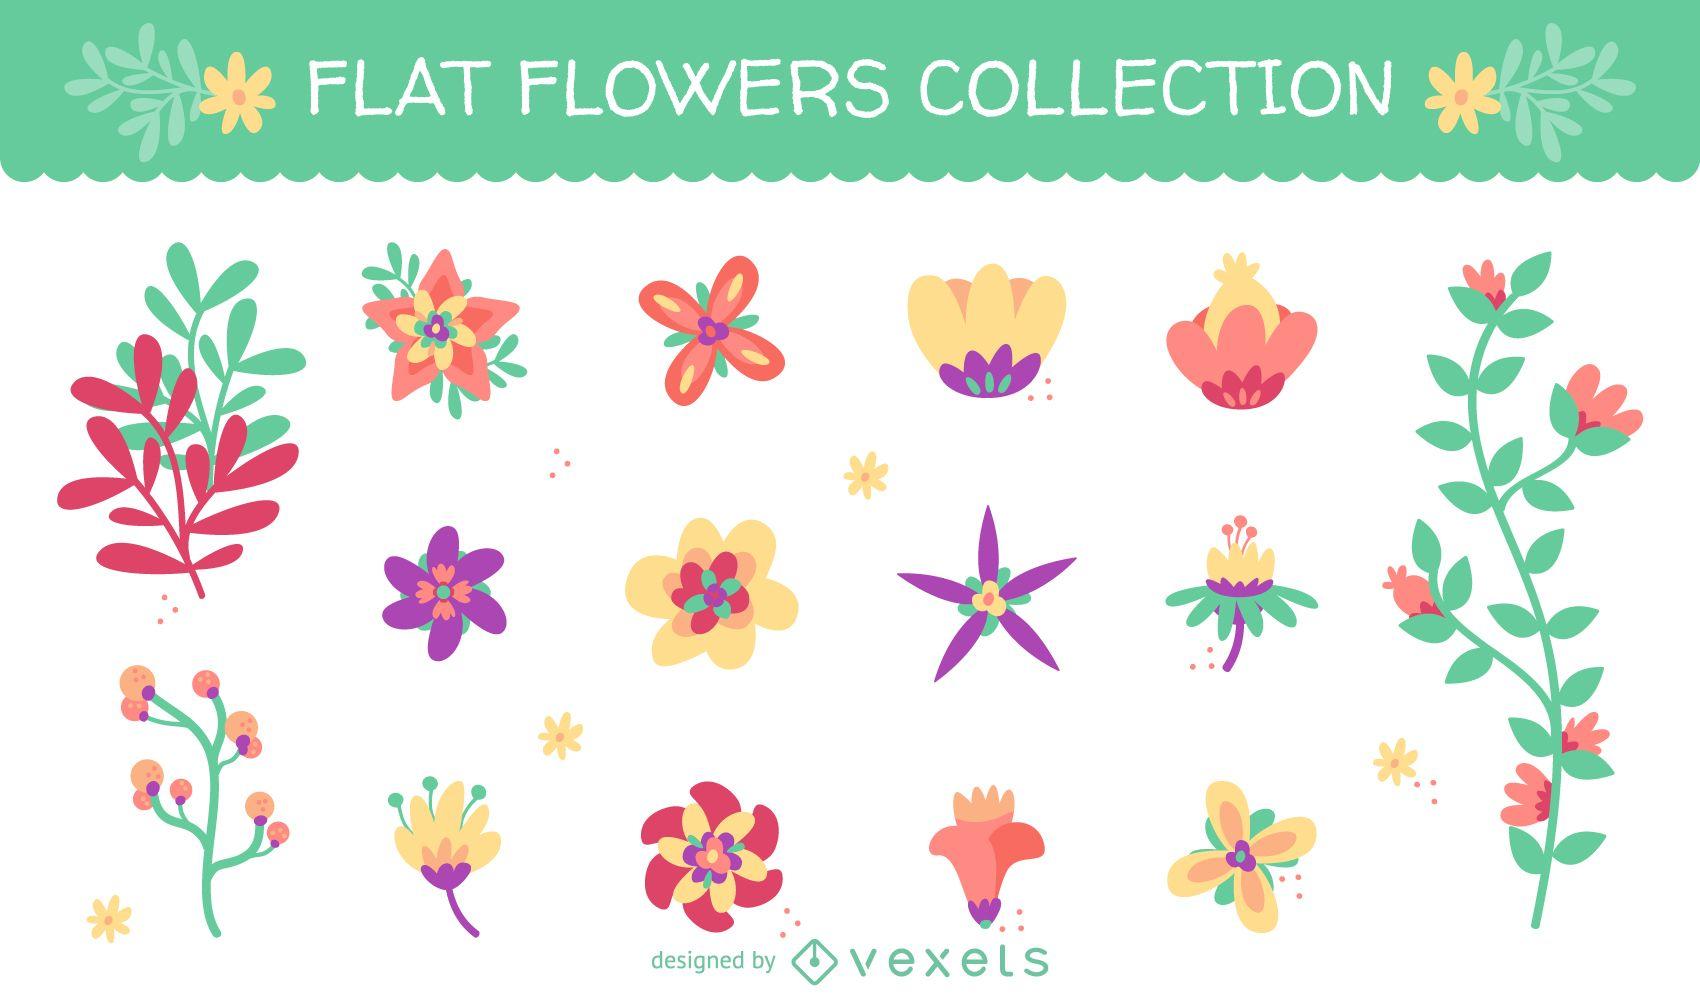 Huge set with 15 flat flower illustrations